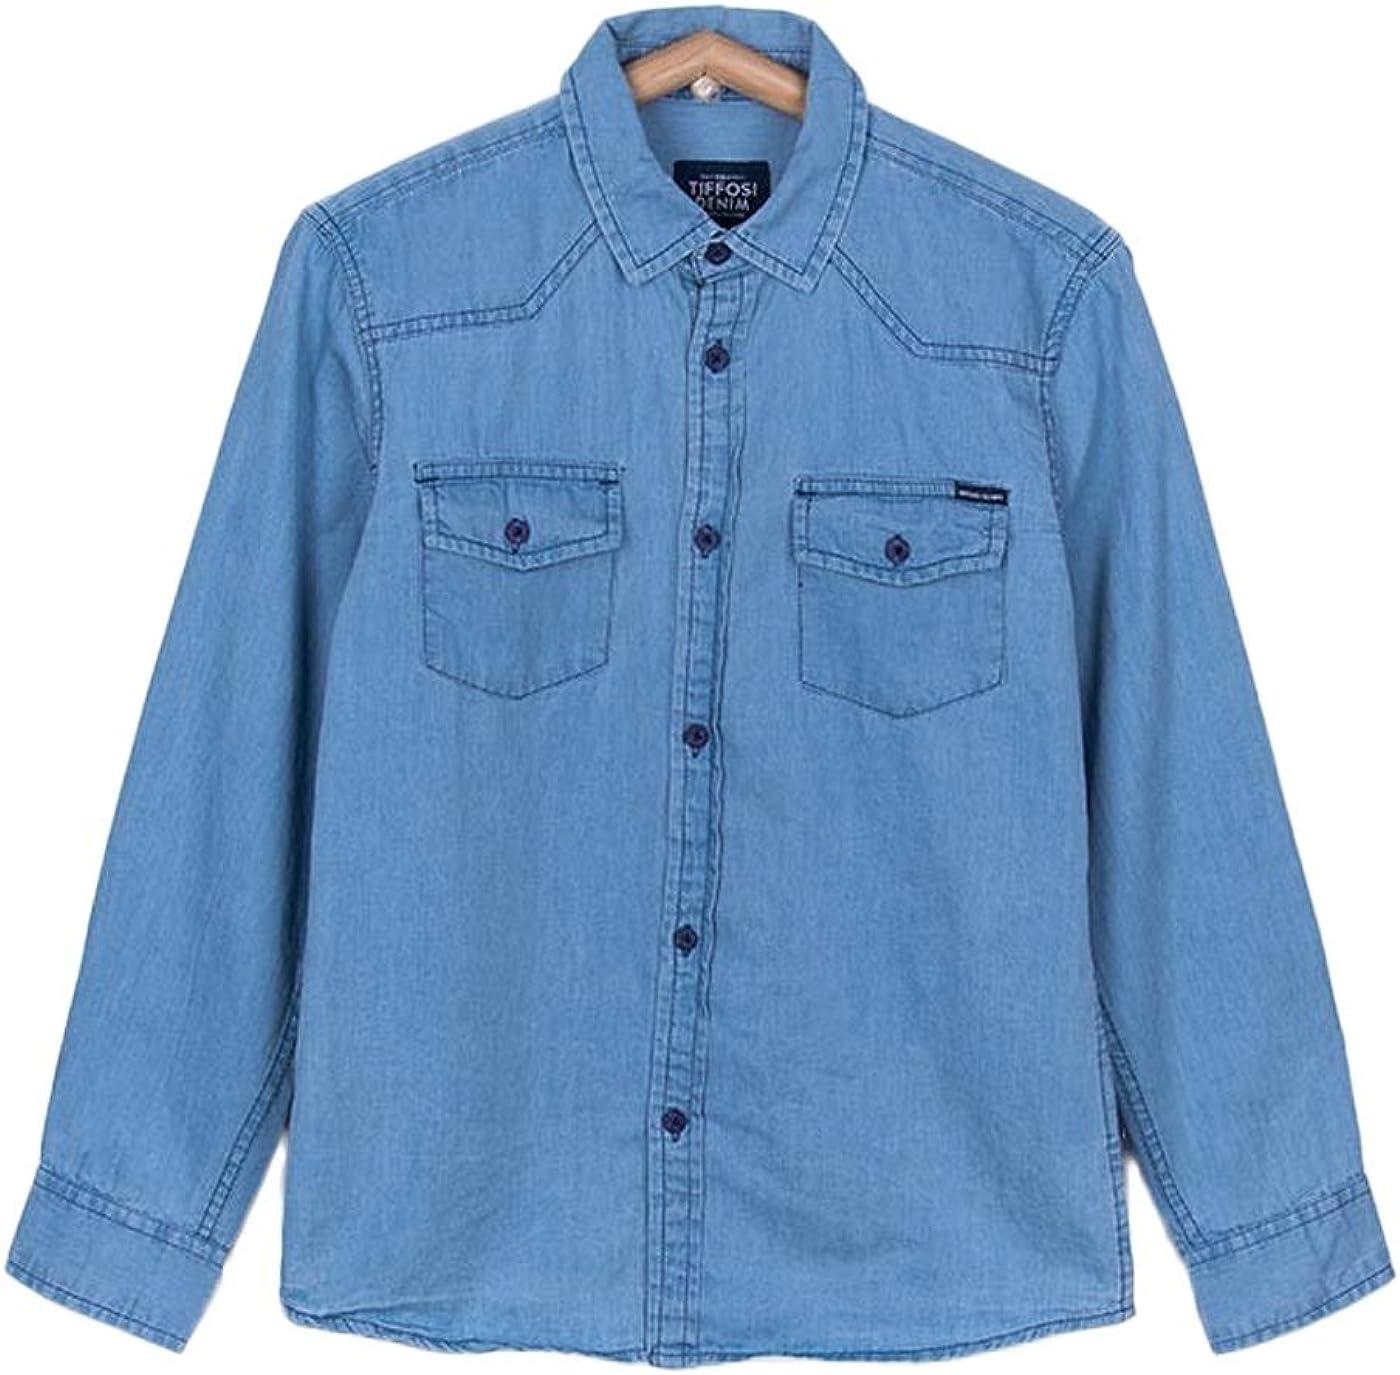 Tiffosi Camisa Niño Ethan Azul: Amazon.es: Ropa y accesorios